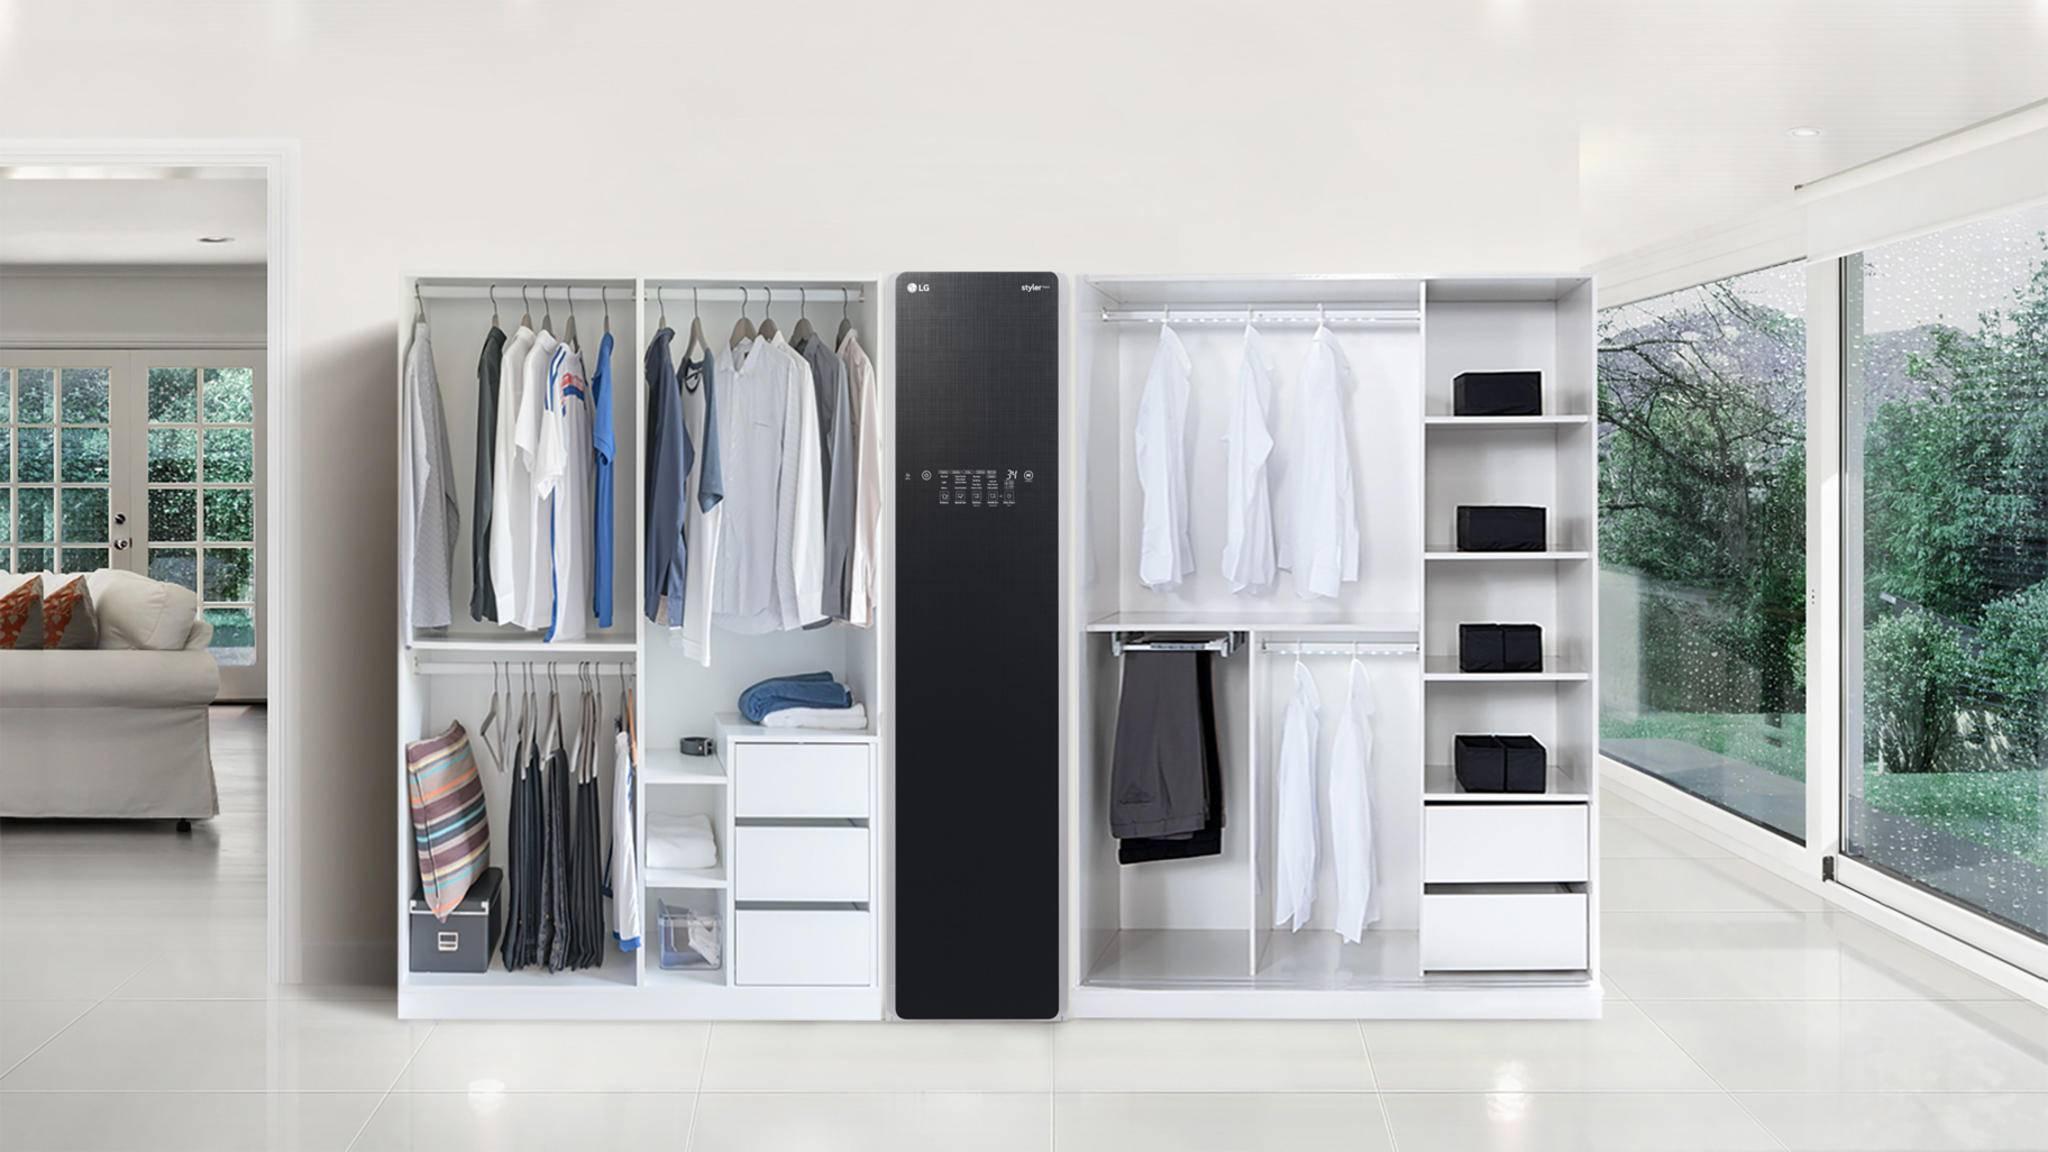 Das Kleiderpflegesystems LG Styler fügt sich dezent ins Schranksystem ein.